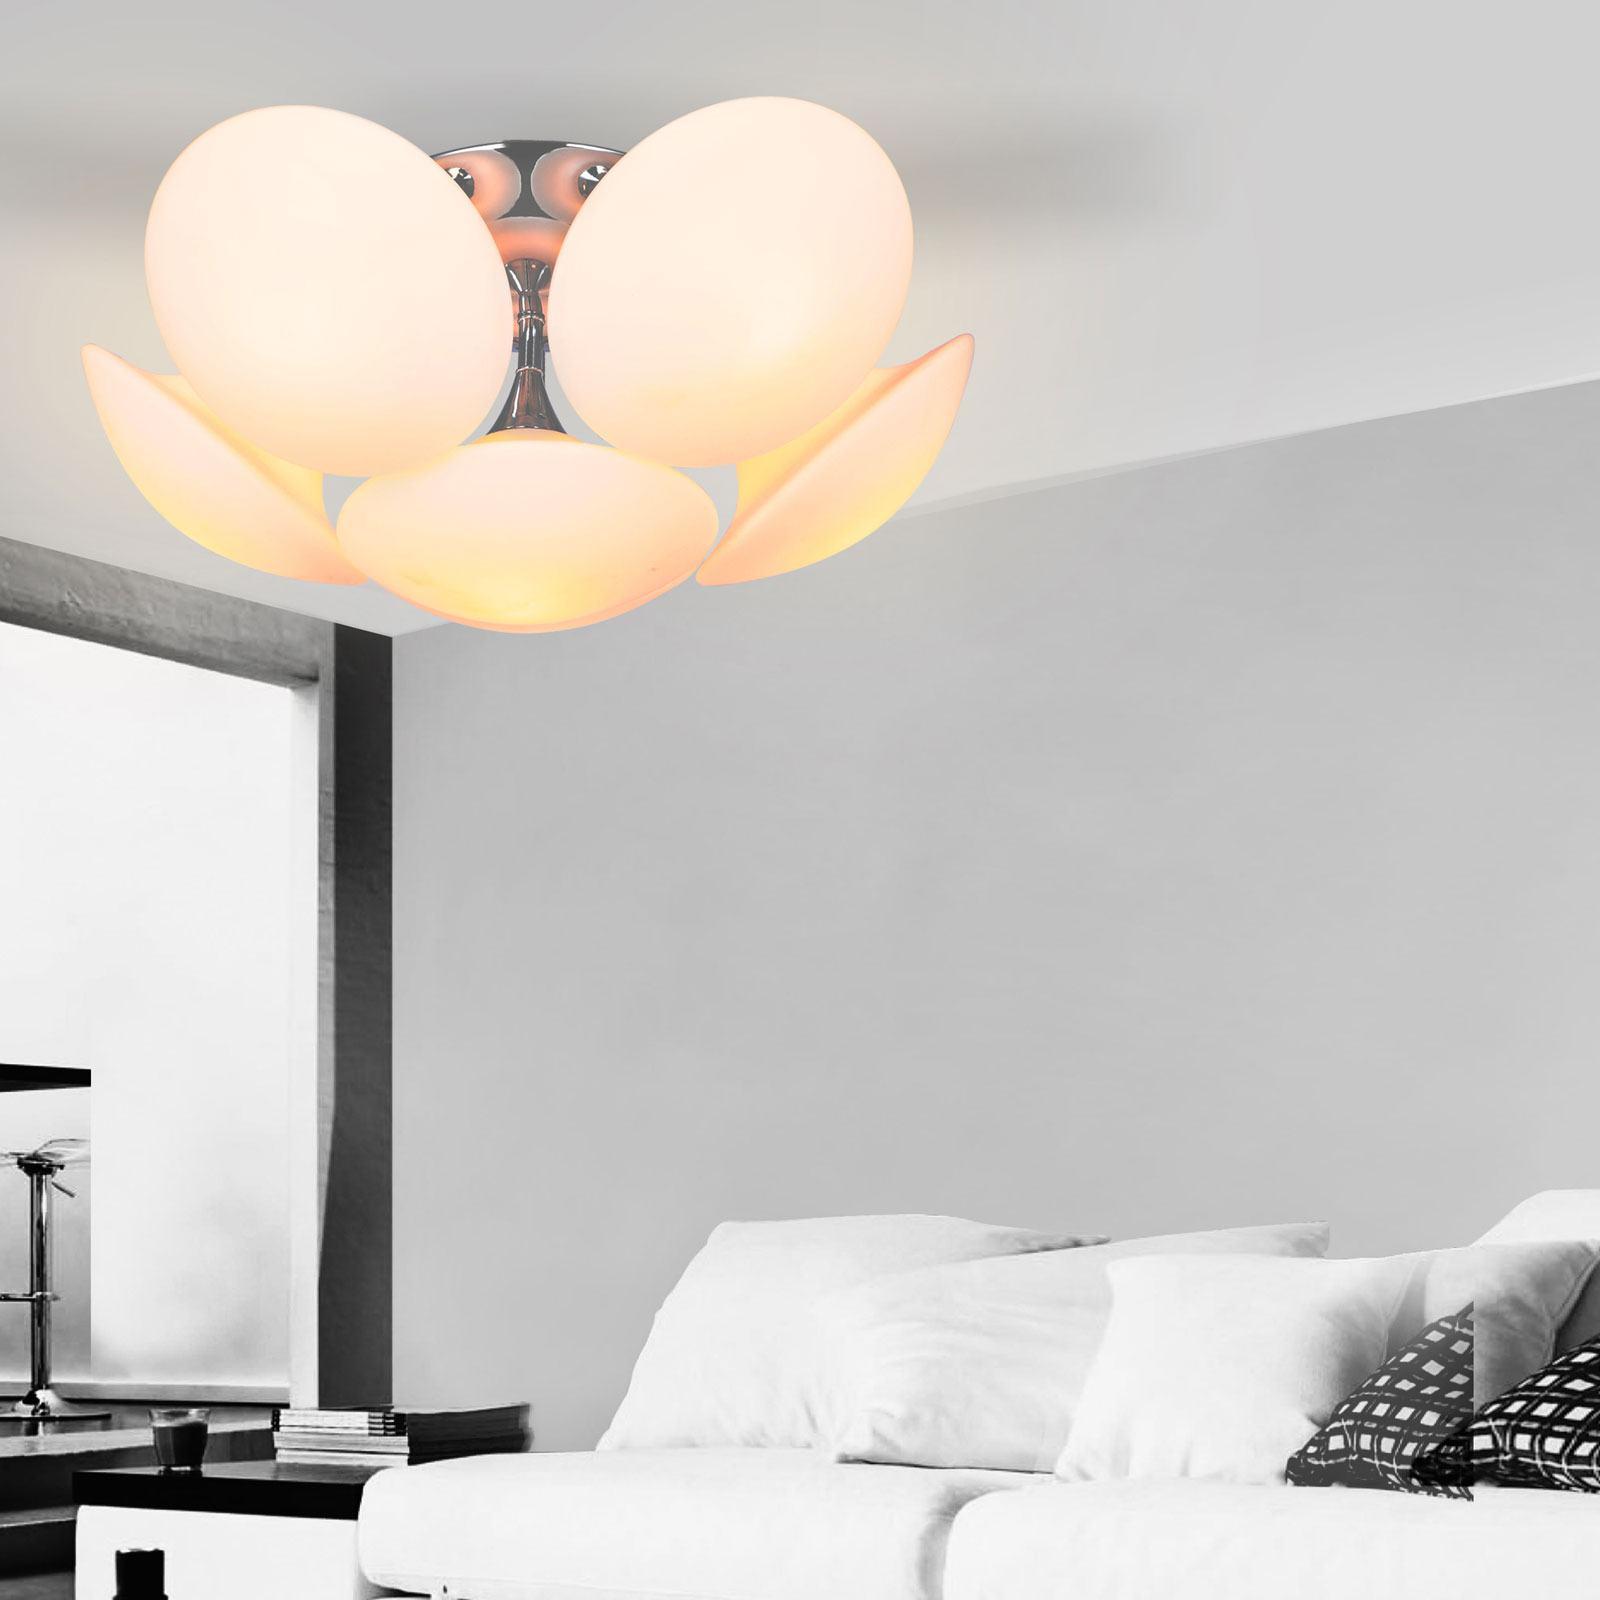 Full Size of Moderne Deckenleuchten Design Led Deckenlampe 6 Falmmig Deckenleuchte Wohnzimmer Glas Bad Modernes Sofa Bett Duschen Esstische Küche 180x200 Schlafzimmer Wohnzimmer Moderne Deckenleuchten